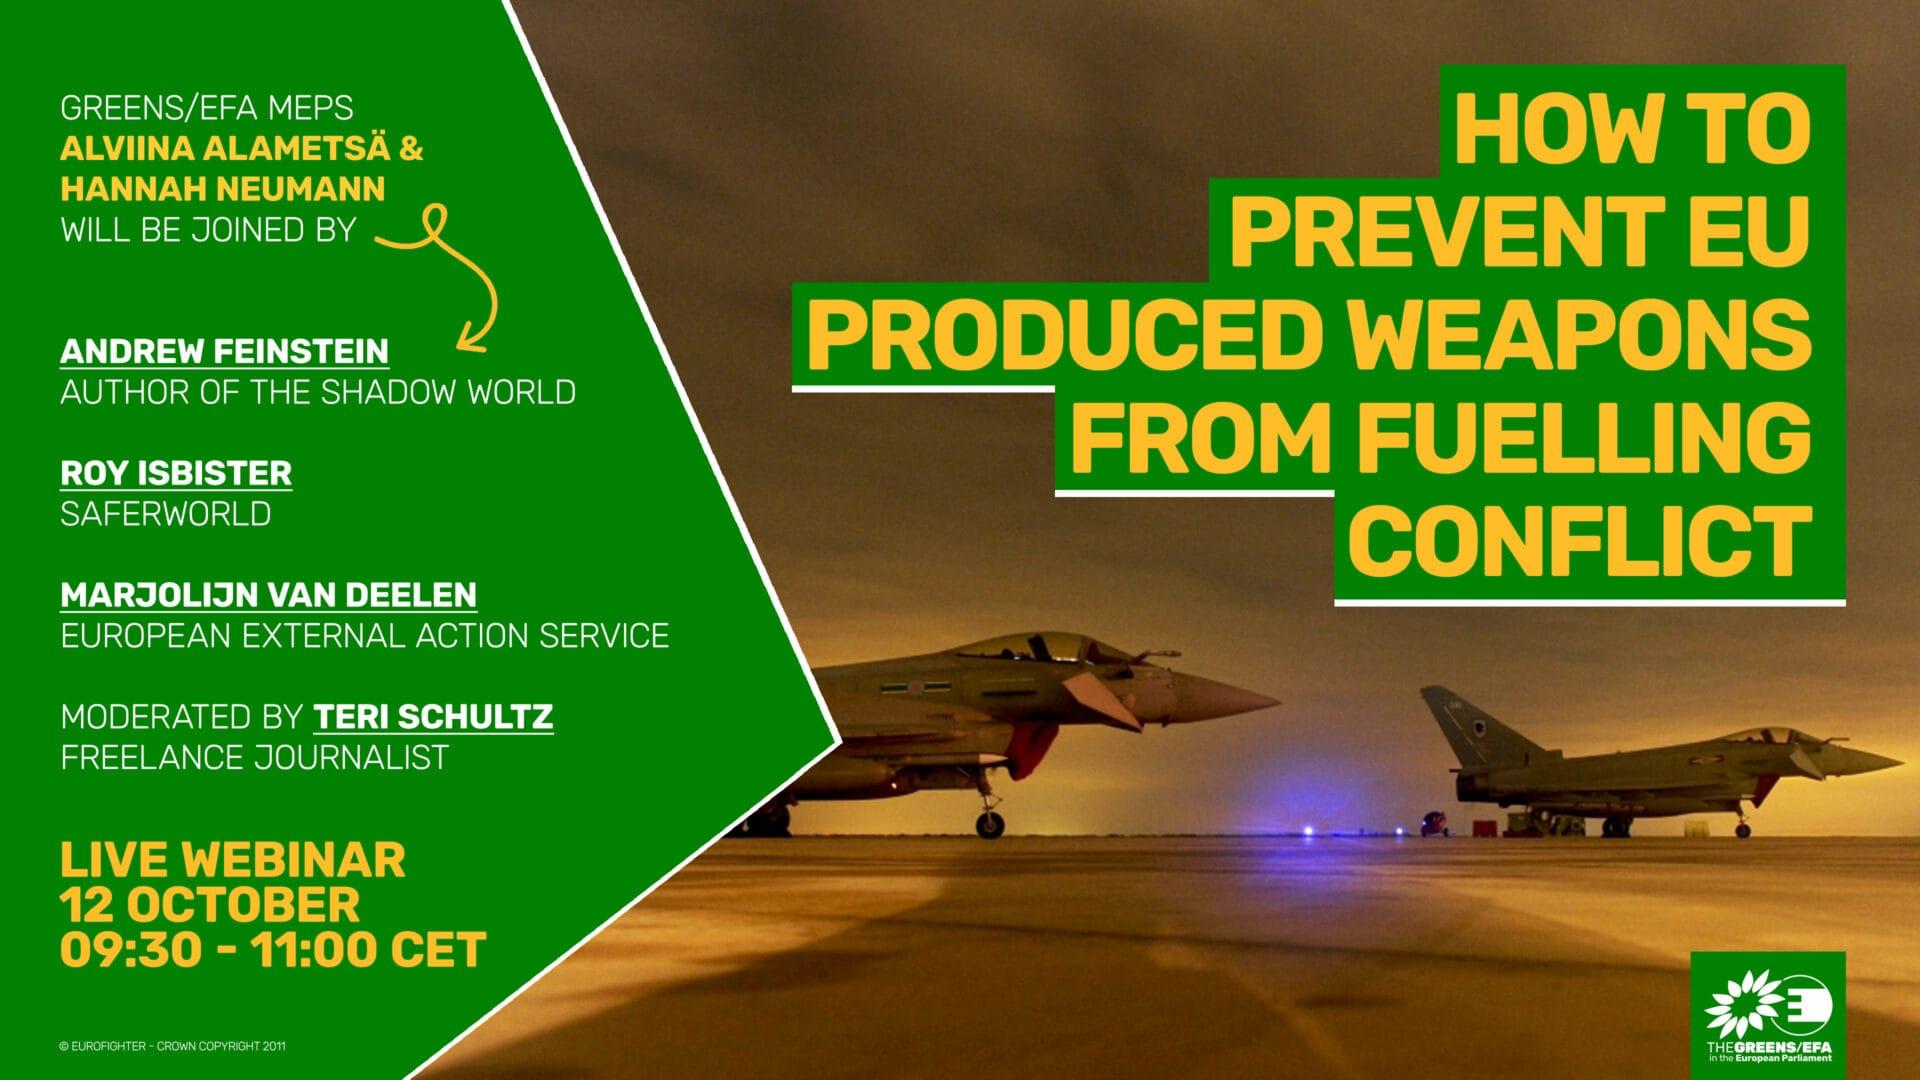 Kampagne: Wie kann verhindert werden, dass in der EU hergestellte Waffen Konflikte anheizen?